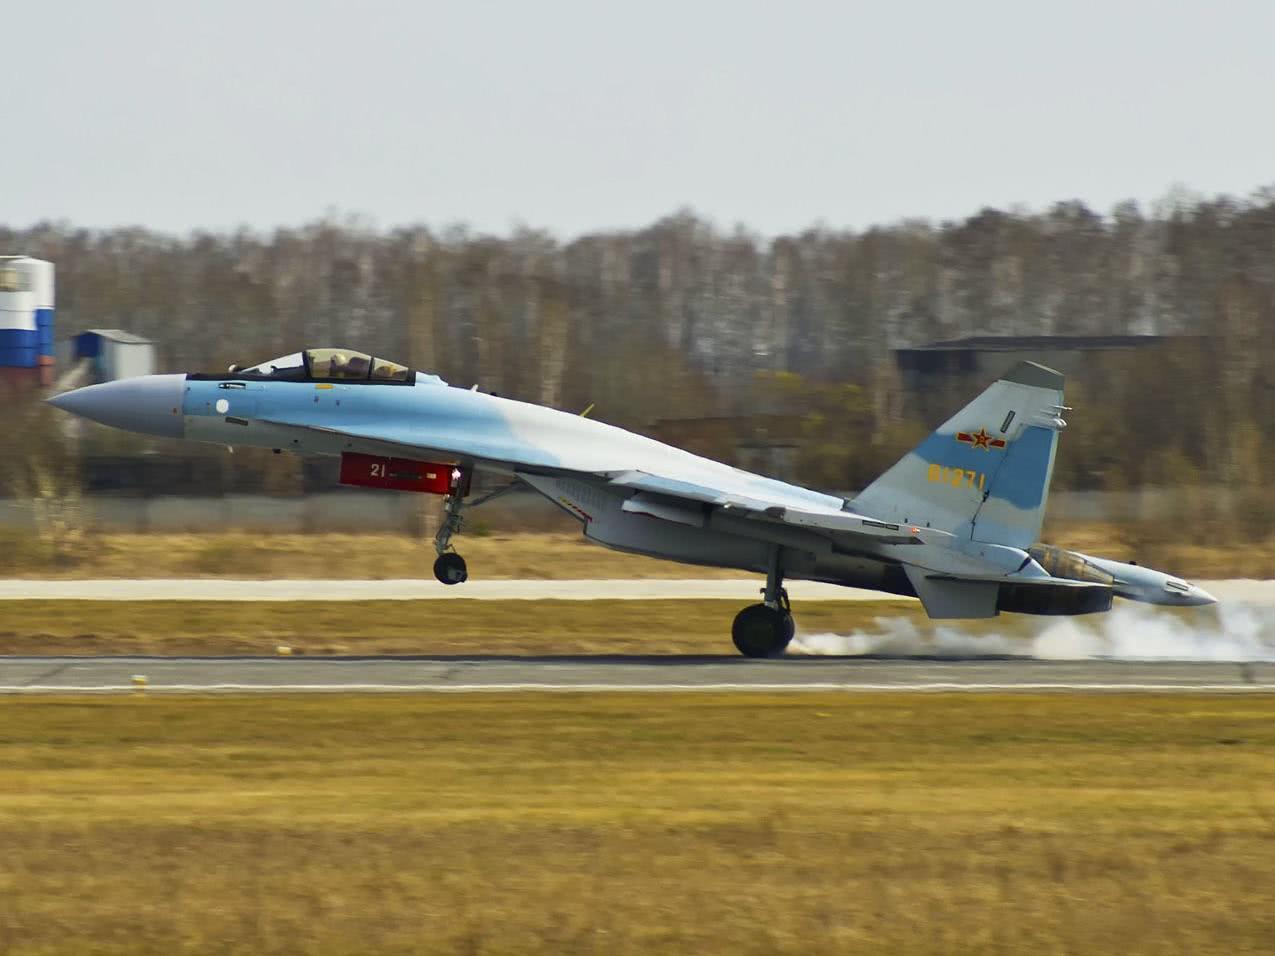 我军苏35战机一边绕岛一边飞往莫斯科!中俄或